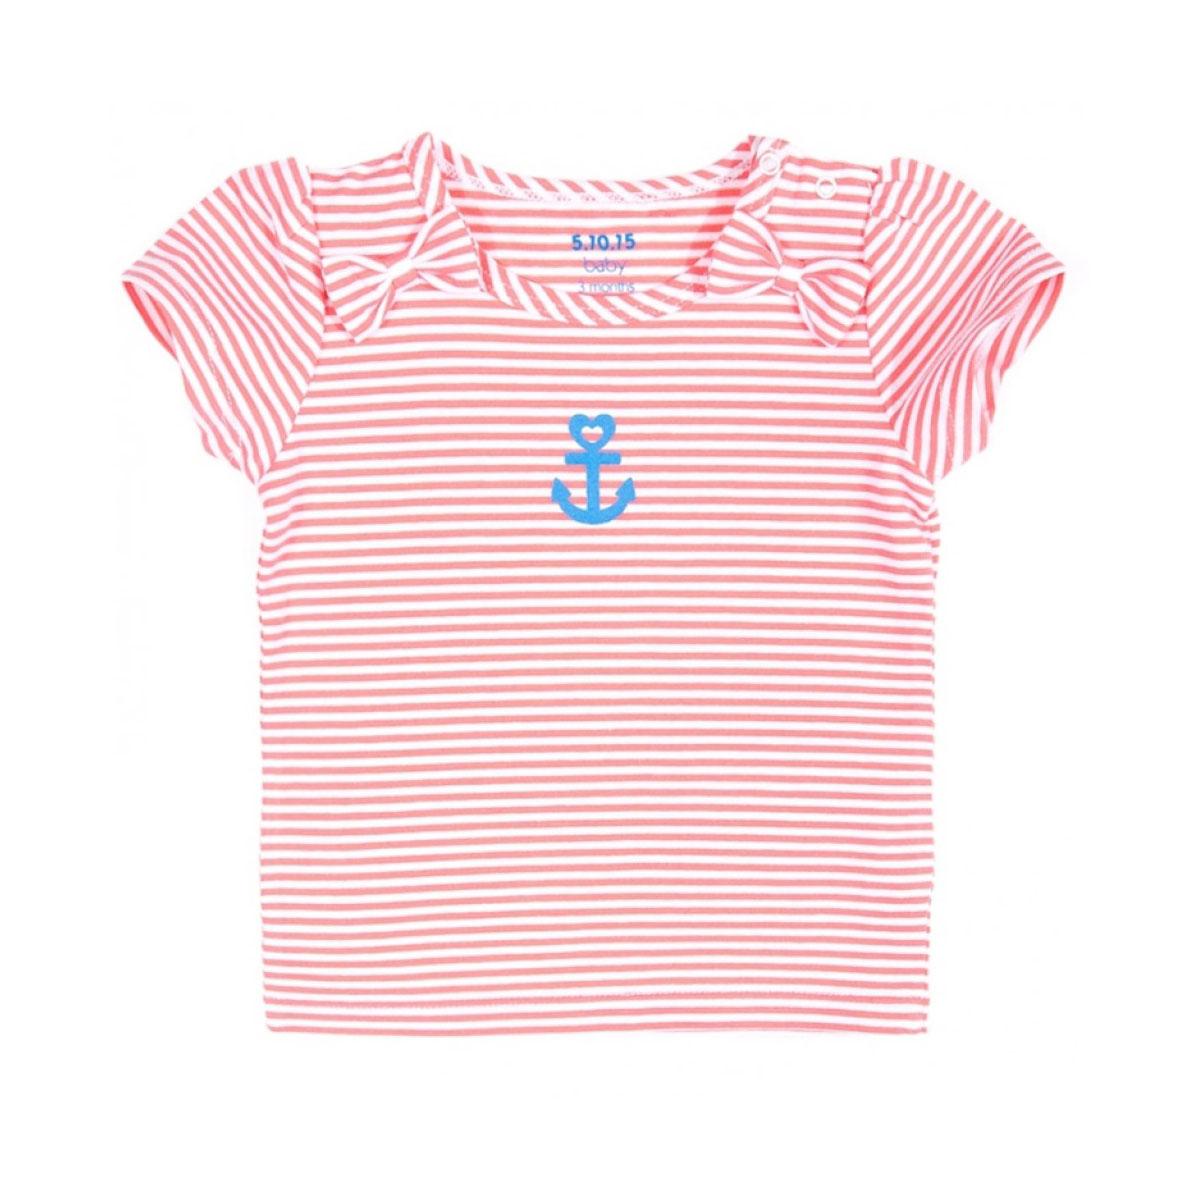 Блузка 5.10.15 светло-розовая Размер 80